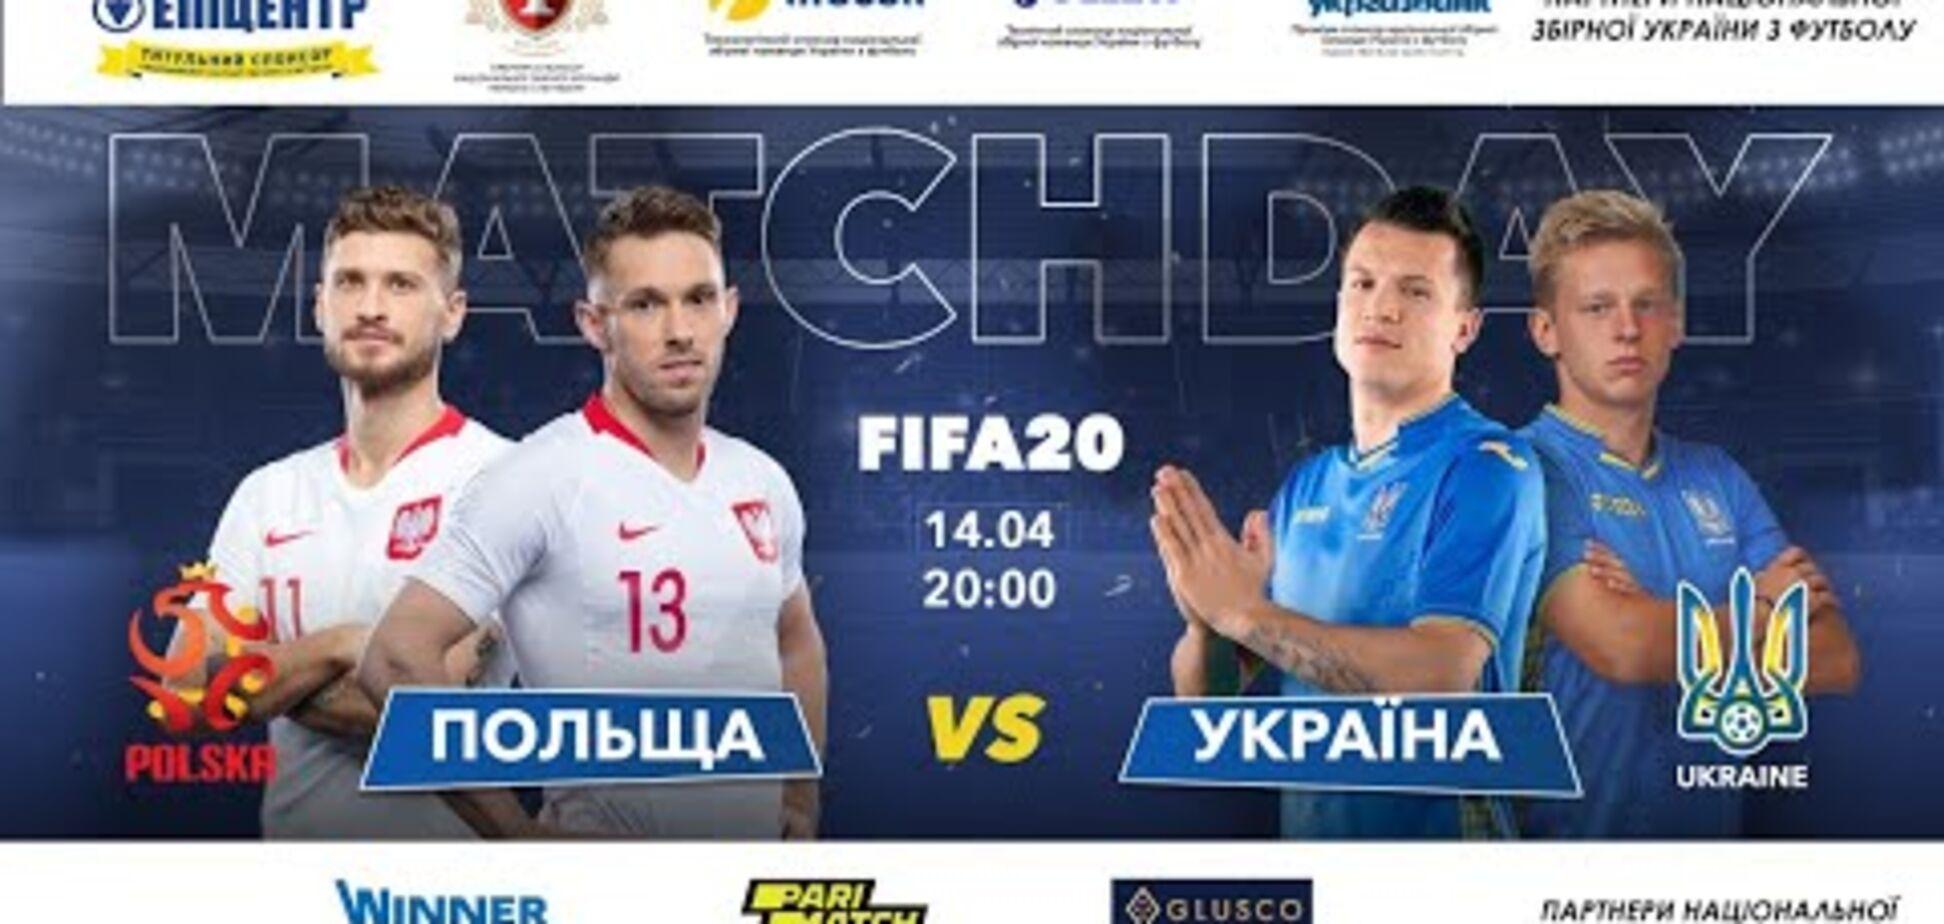 Зінченко і Коноплянка обіграли Польщу в FIFA 20